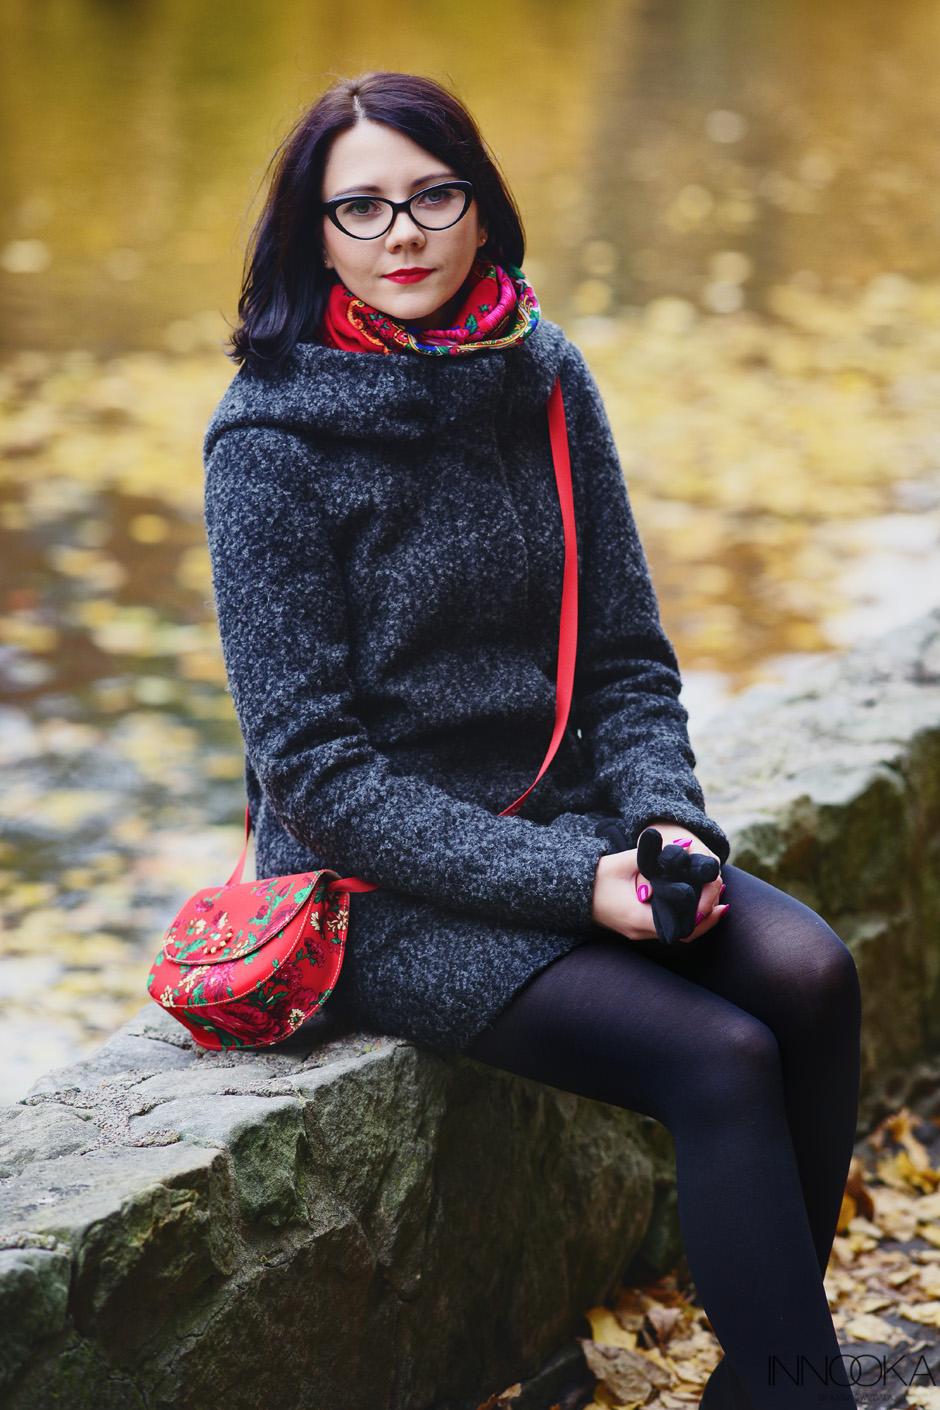 Jesienna stylizacja 2015 blog innooka moda jesień (26)